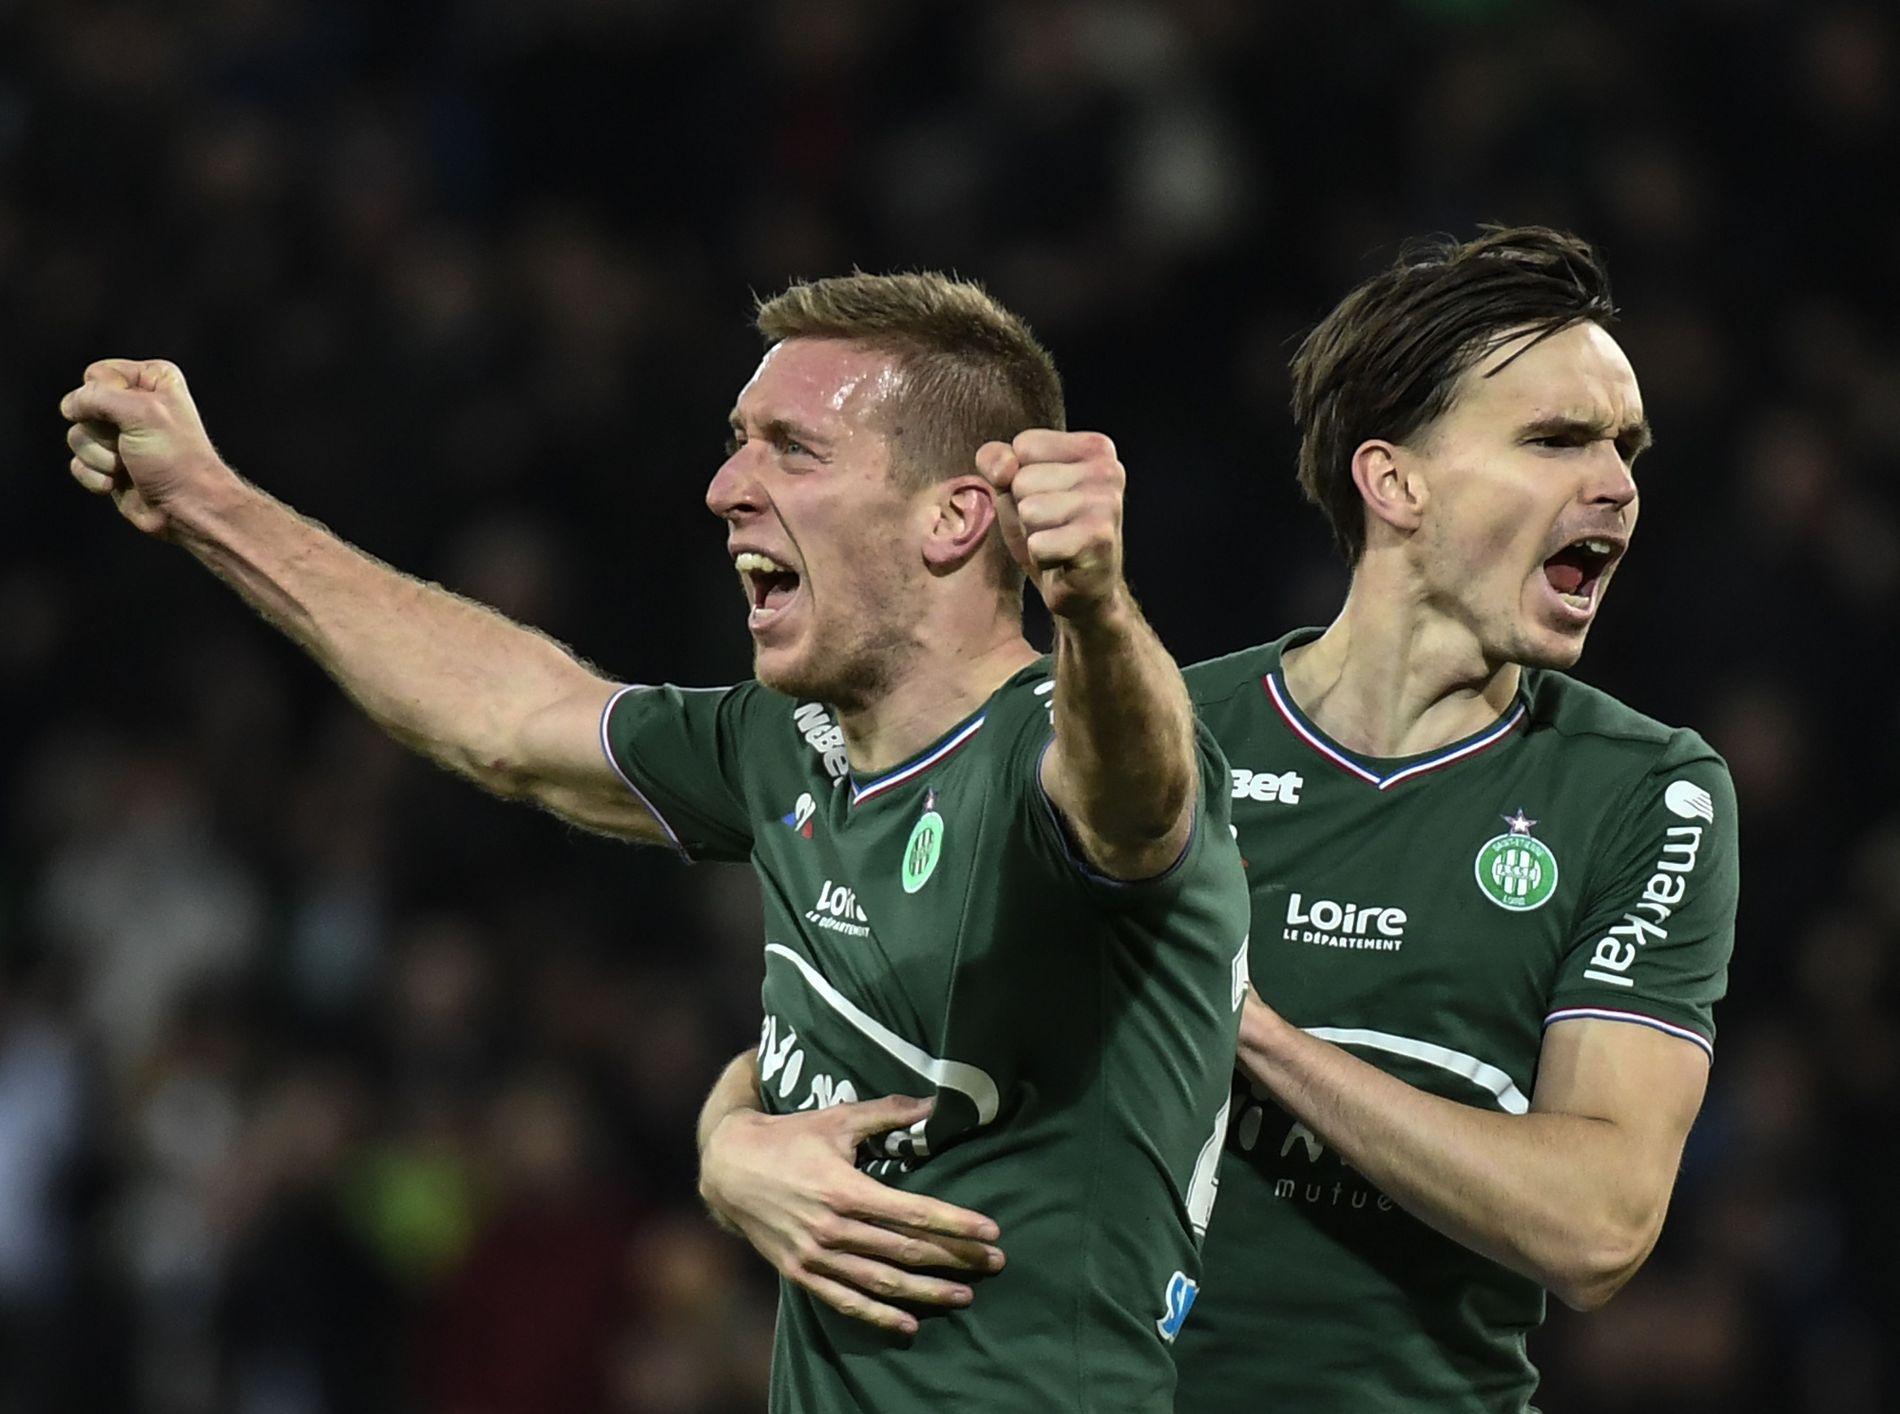 GRØNN AV GLEDE: Ole Selnæs (t.h.), som her feirer målet til lagkamerat Robert Beric, har fått sitt store gjennombrudd i fransk fotball denne våren.